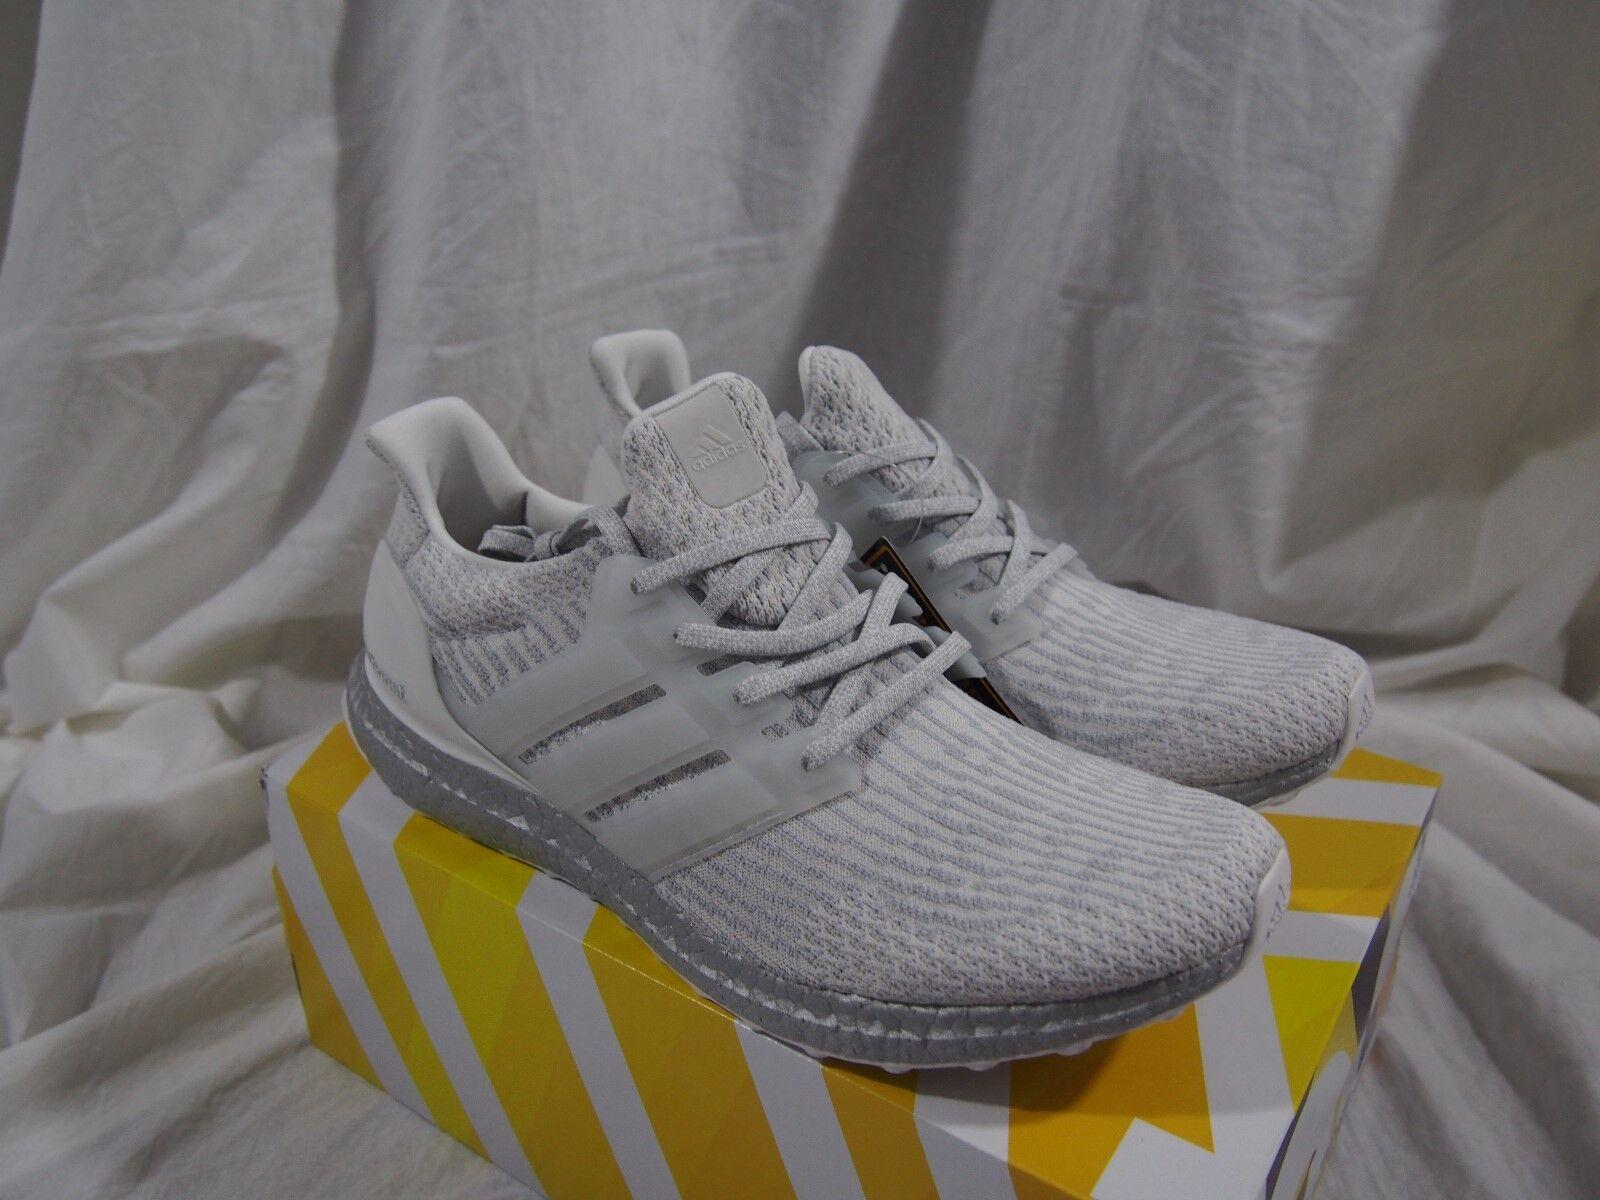 Adidas Ultra Boost 3.0 LTD BA8922 Crystal White / Silver Boost